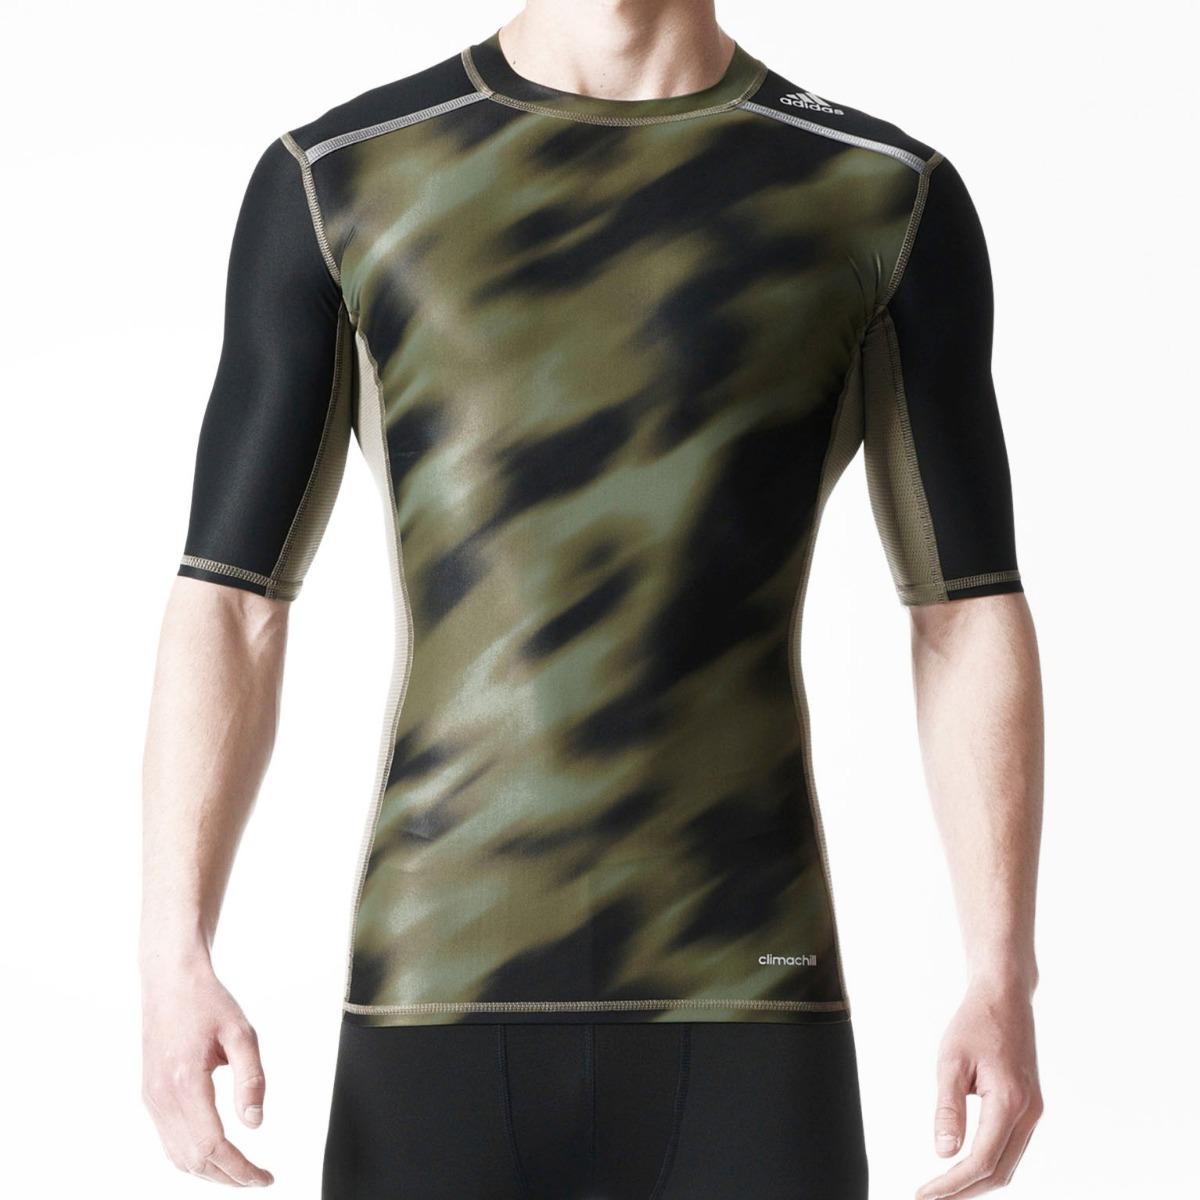 67588a2d45abe camiseta adidas compressão techfit uv 50+ base ss climalite. Carregando  zoom.